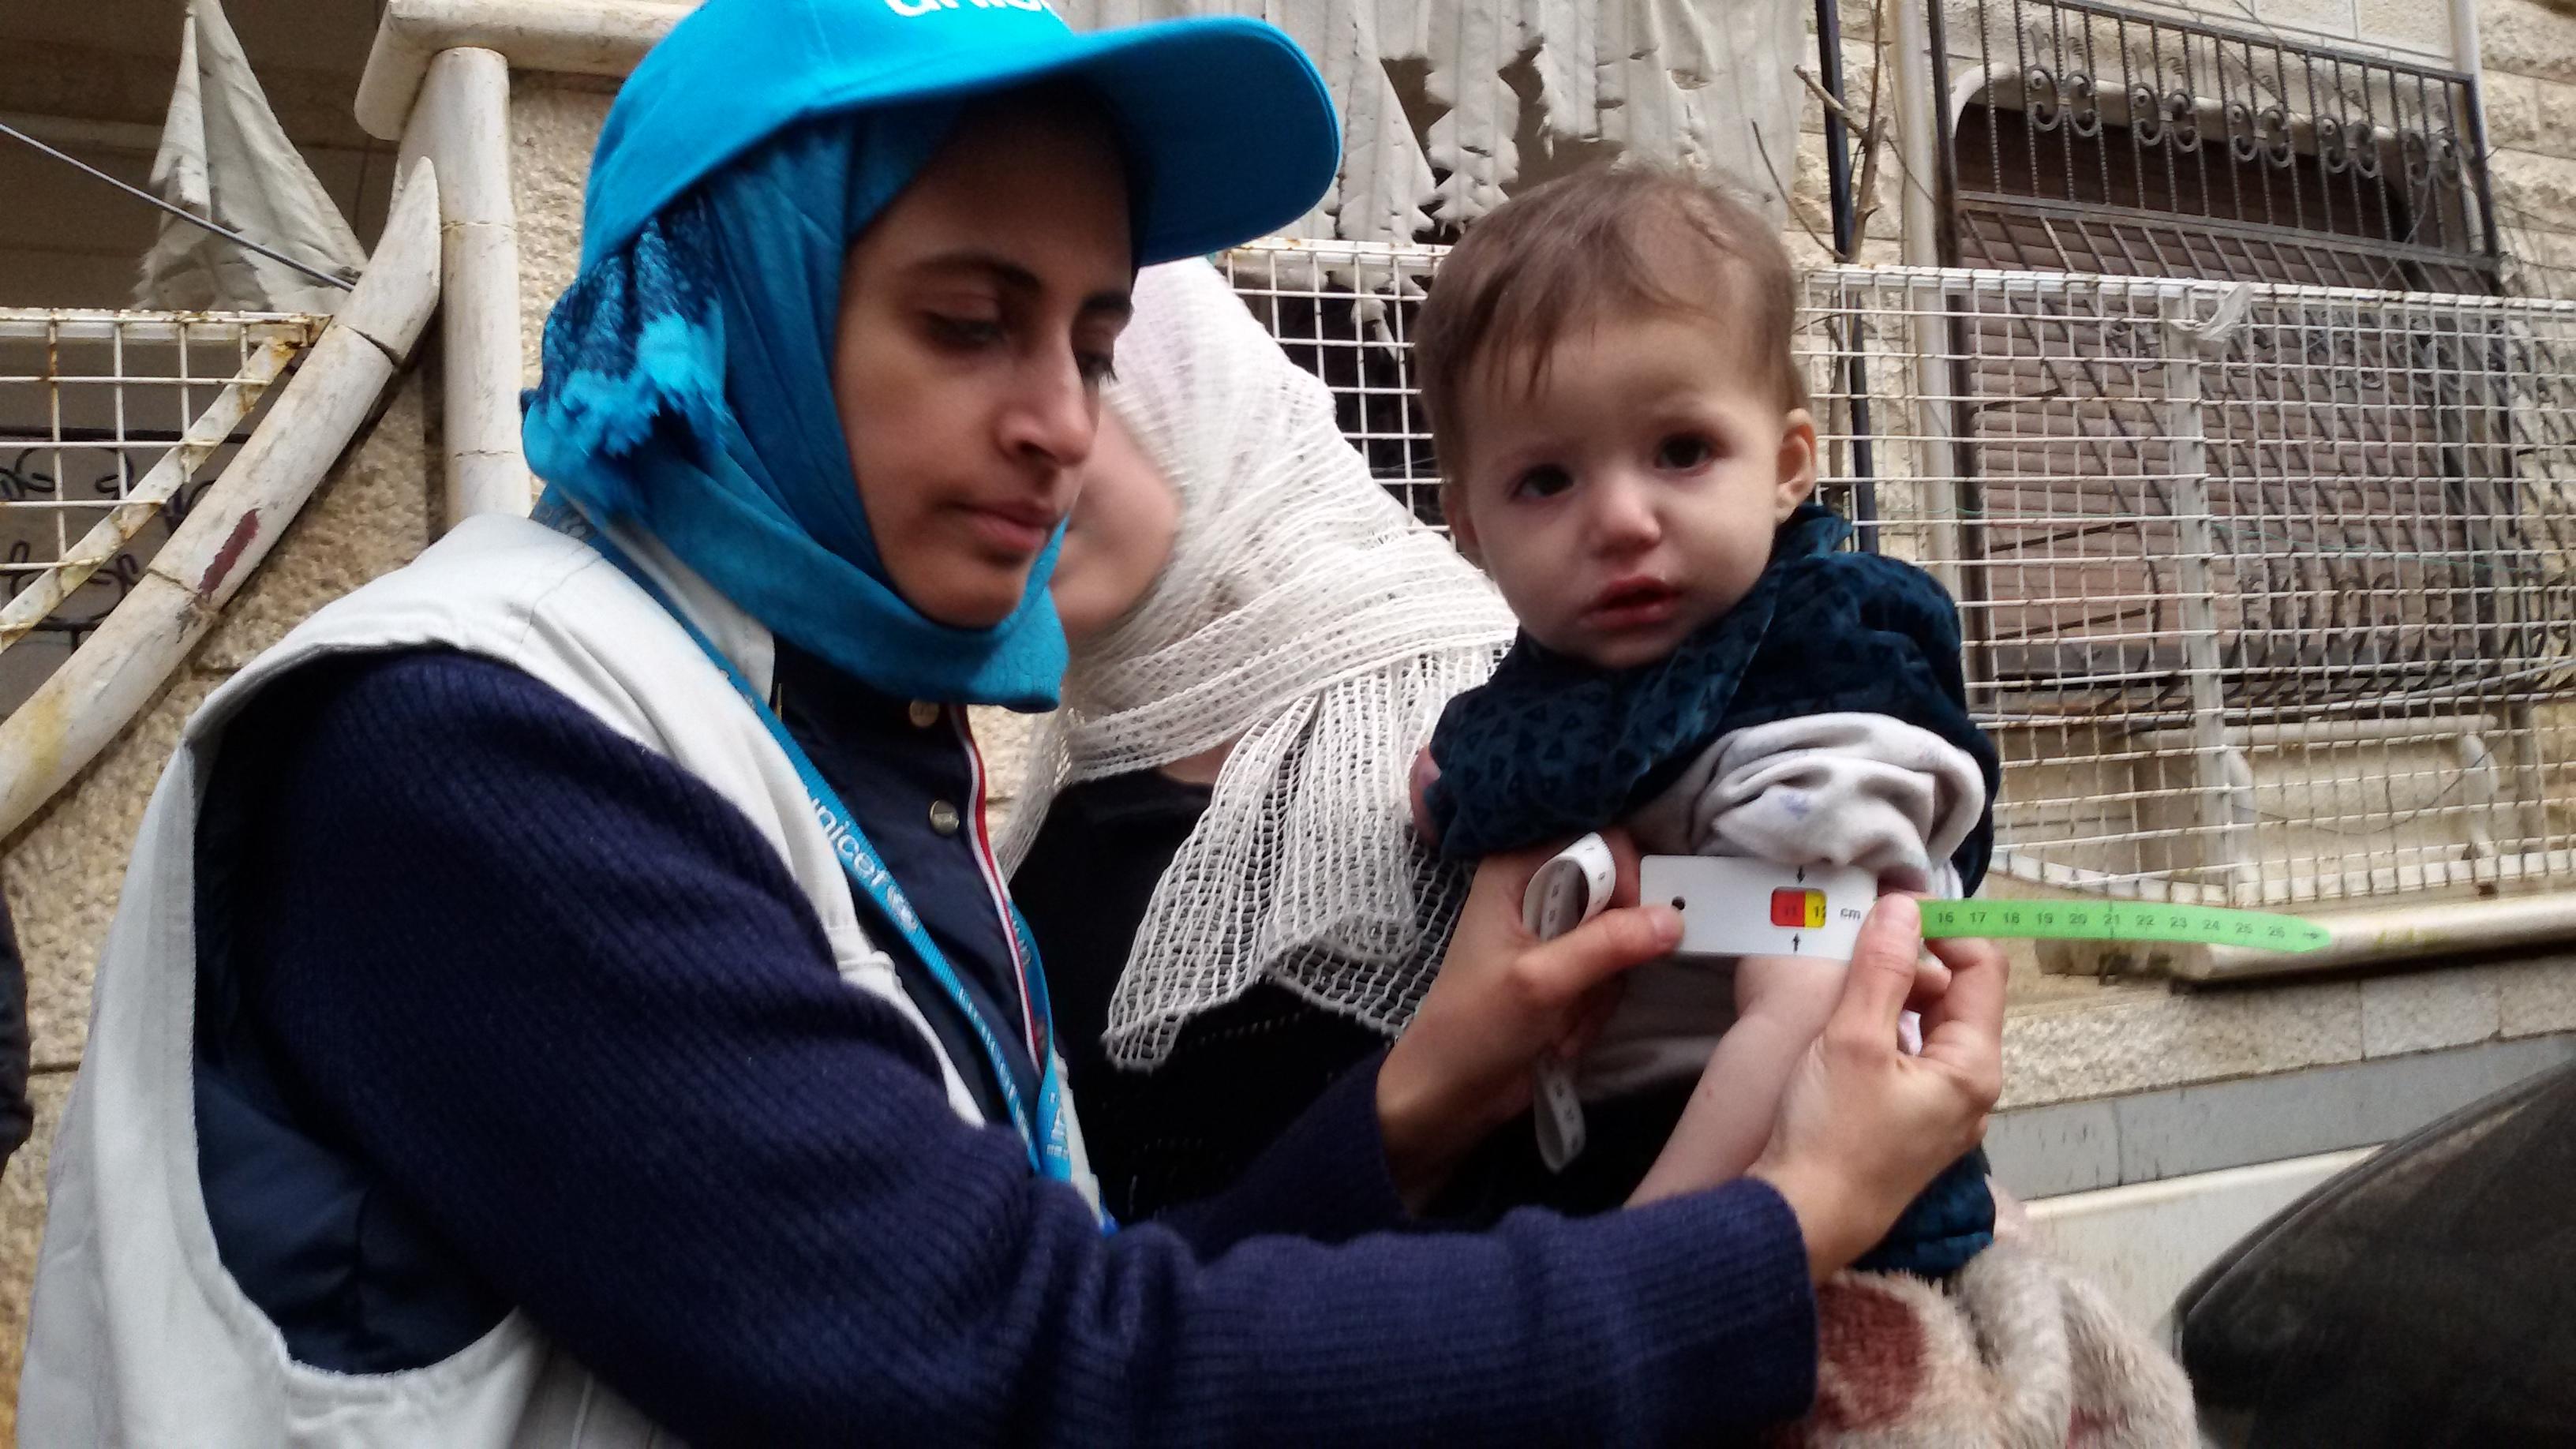 مسعفة باليونيسف تقيس ذراع طفل يعاني من سوء التغذية بمدينة مضايا